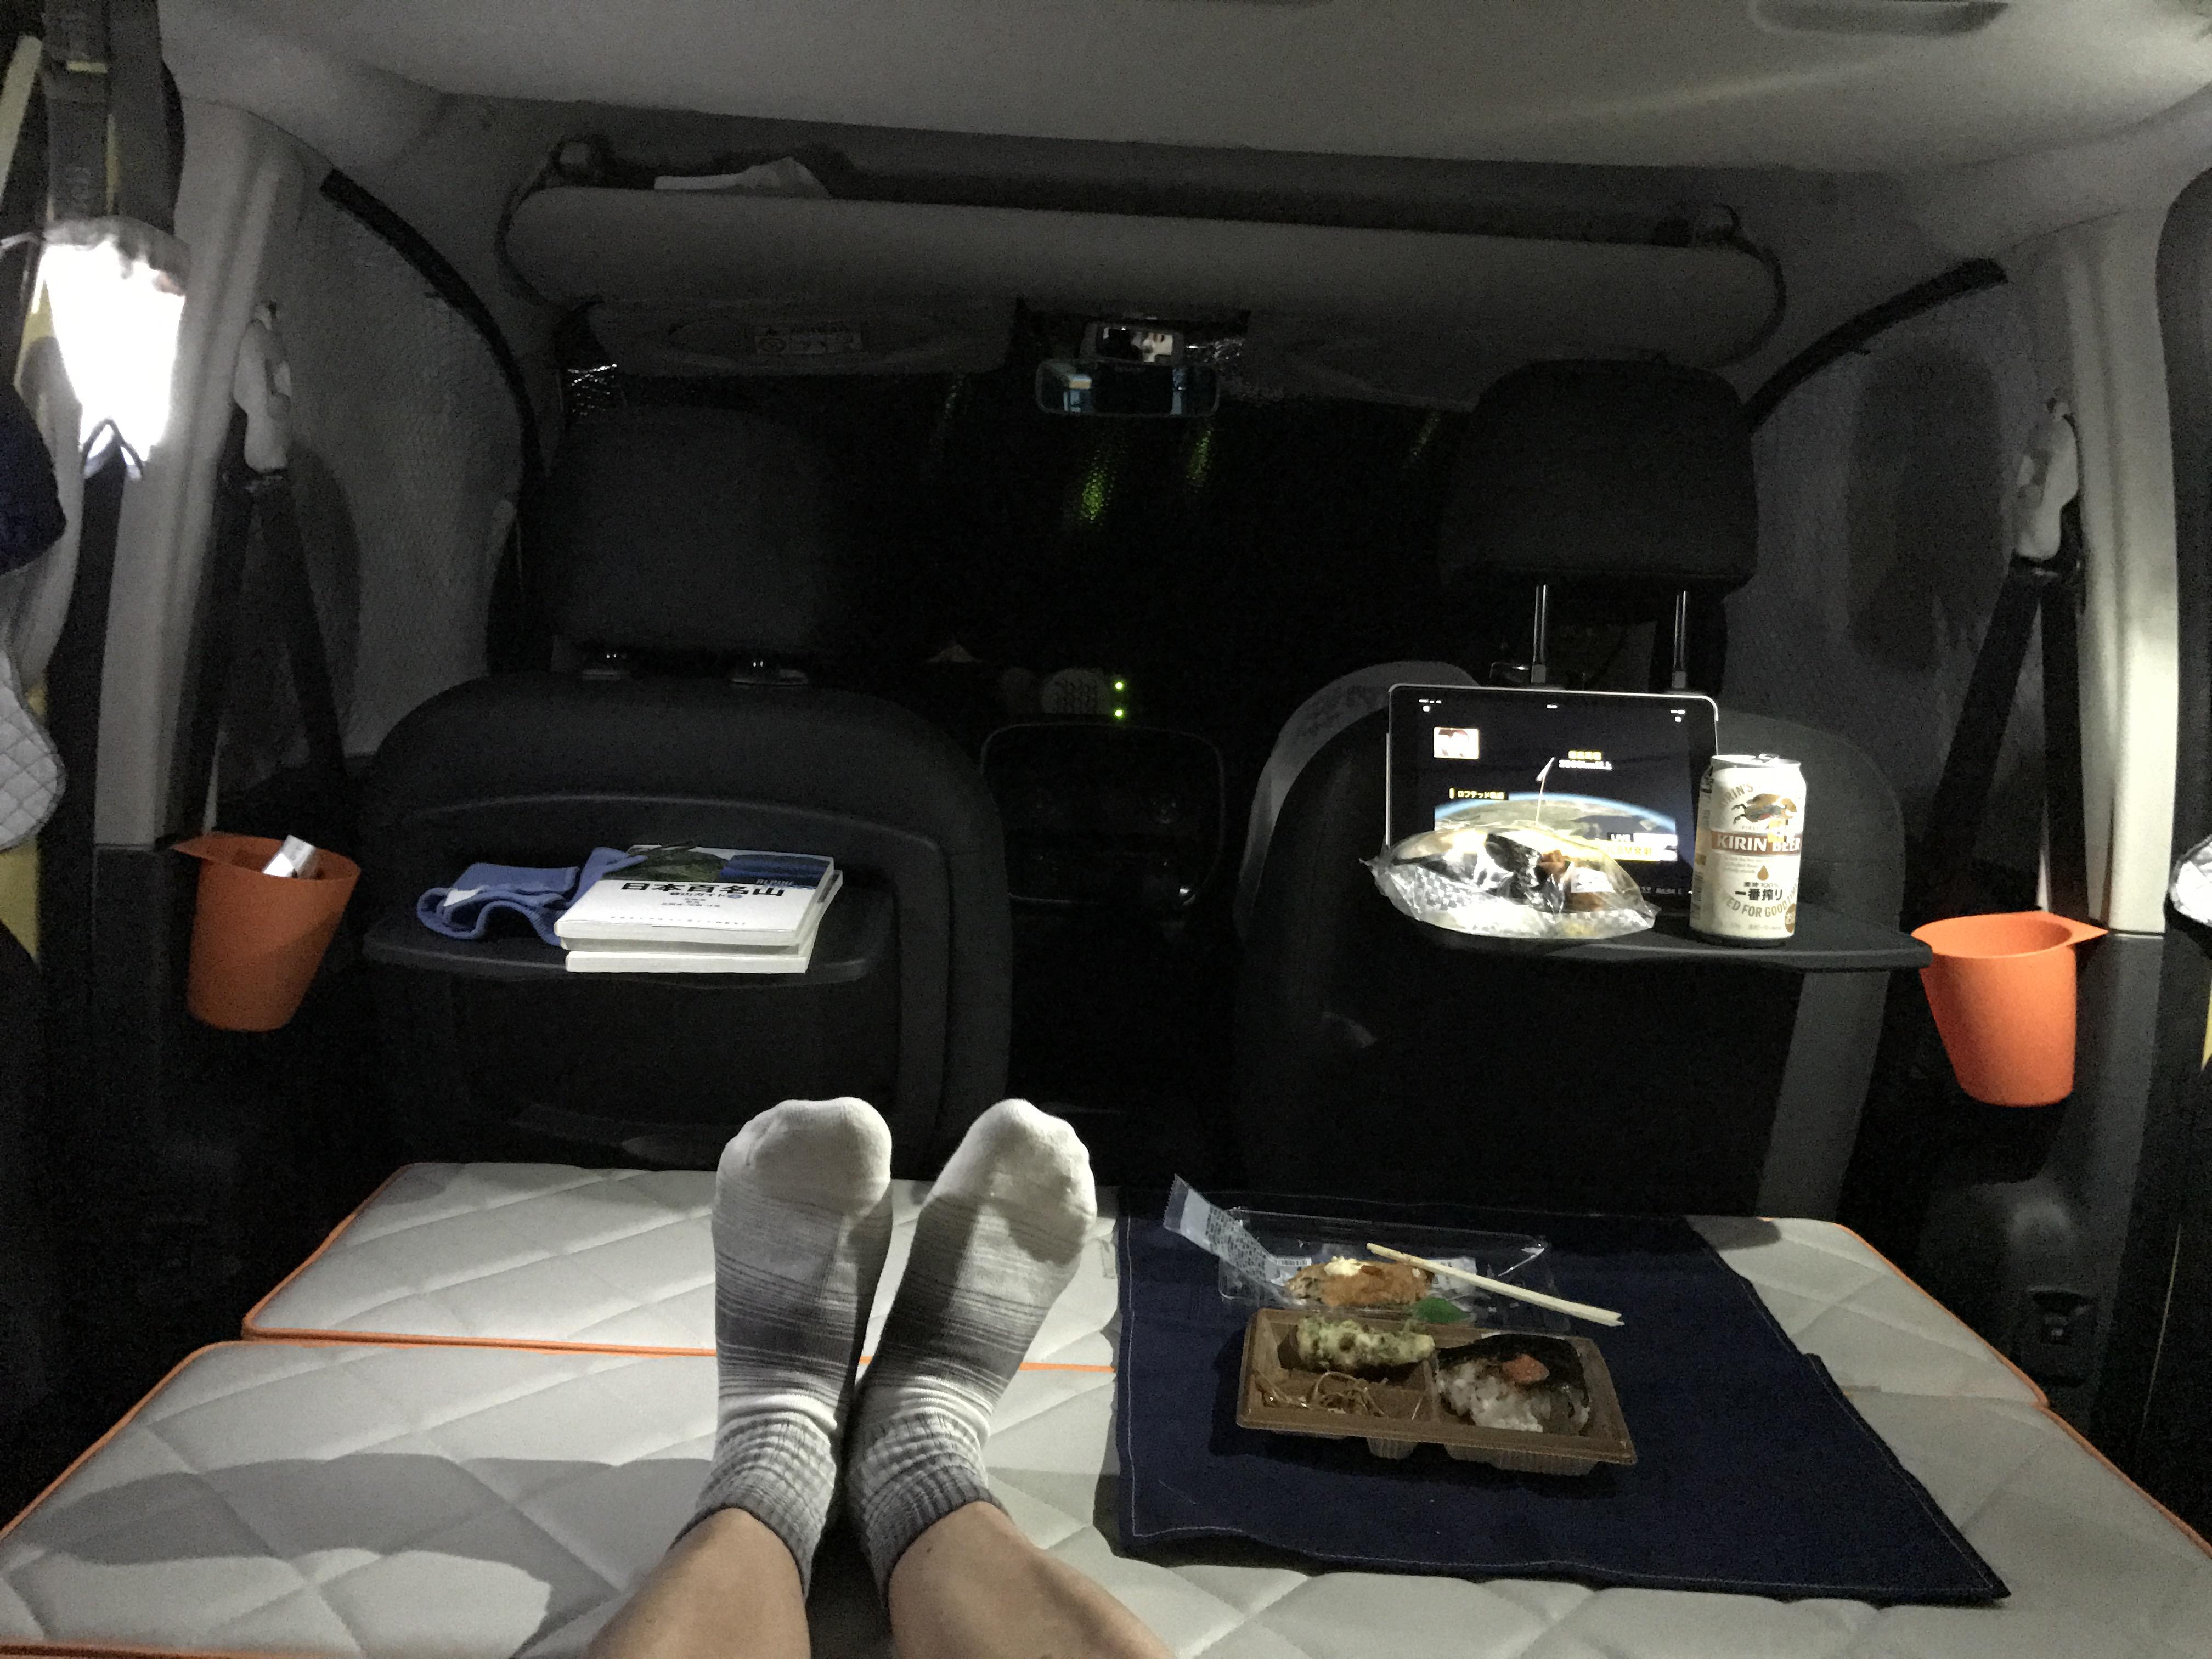 カングー車内で弁当食べるシーン